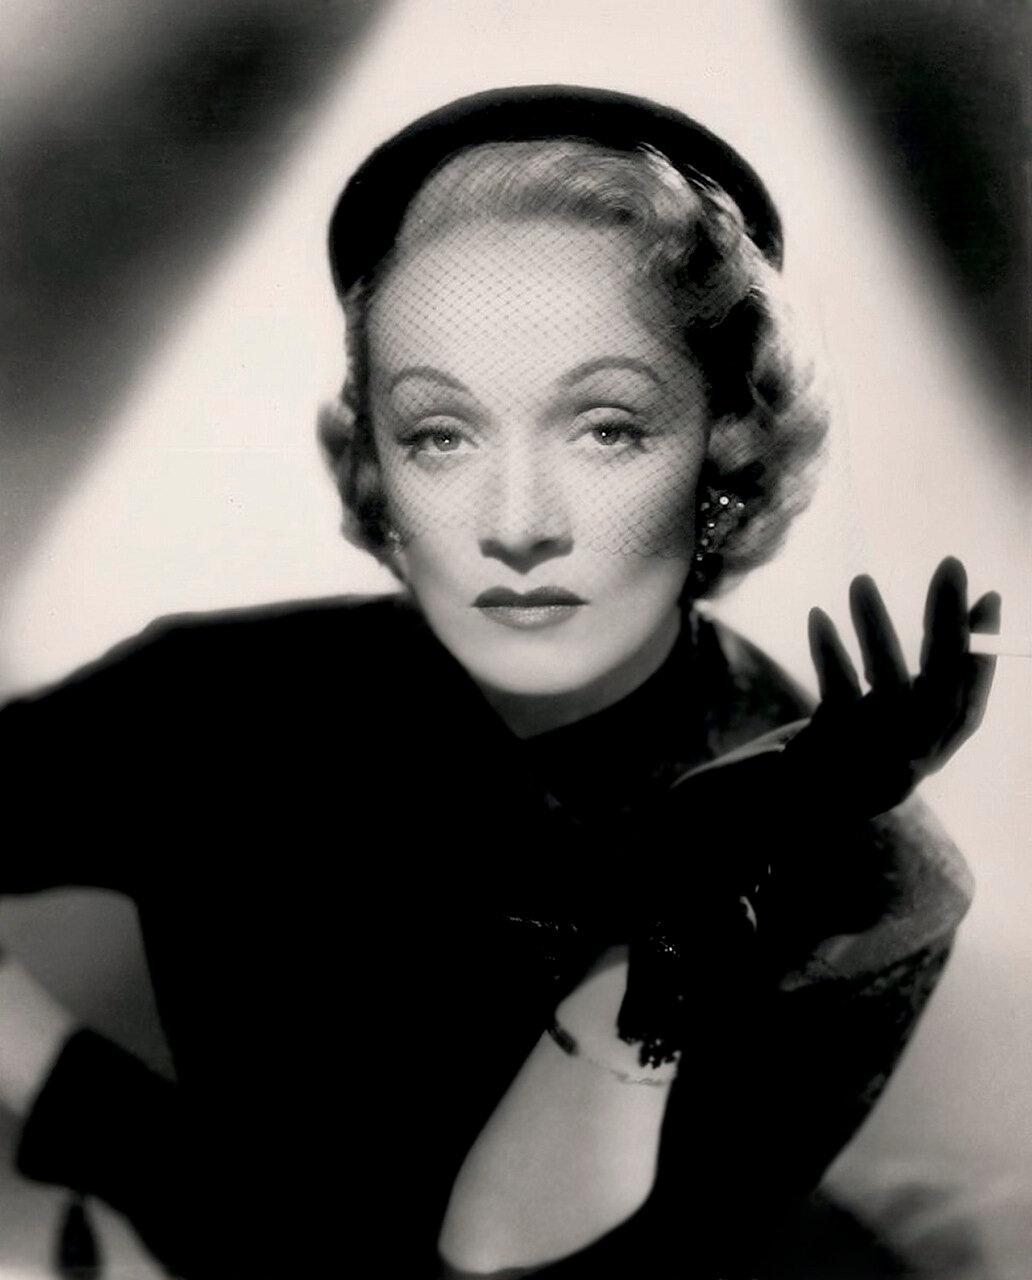 Marlene Dietrich, 1940's